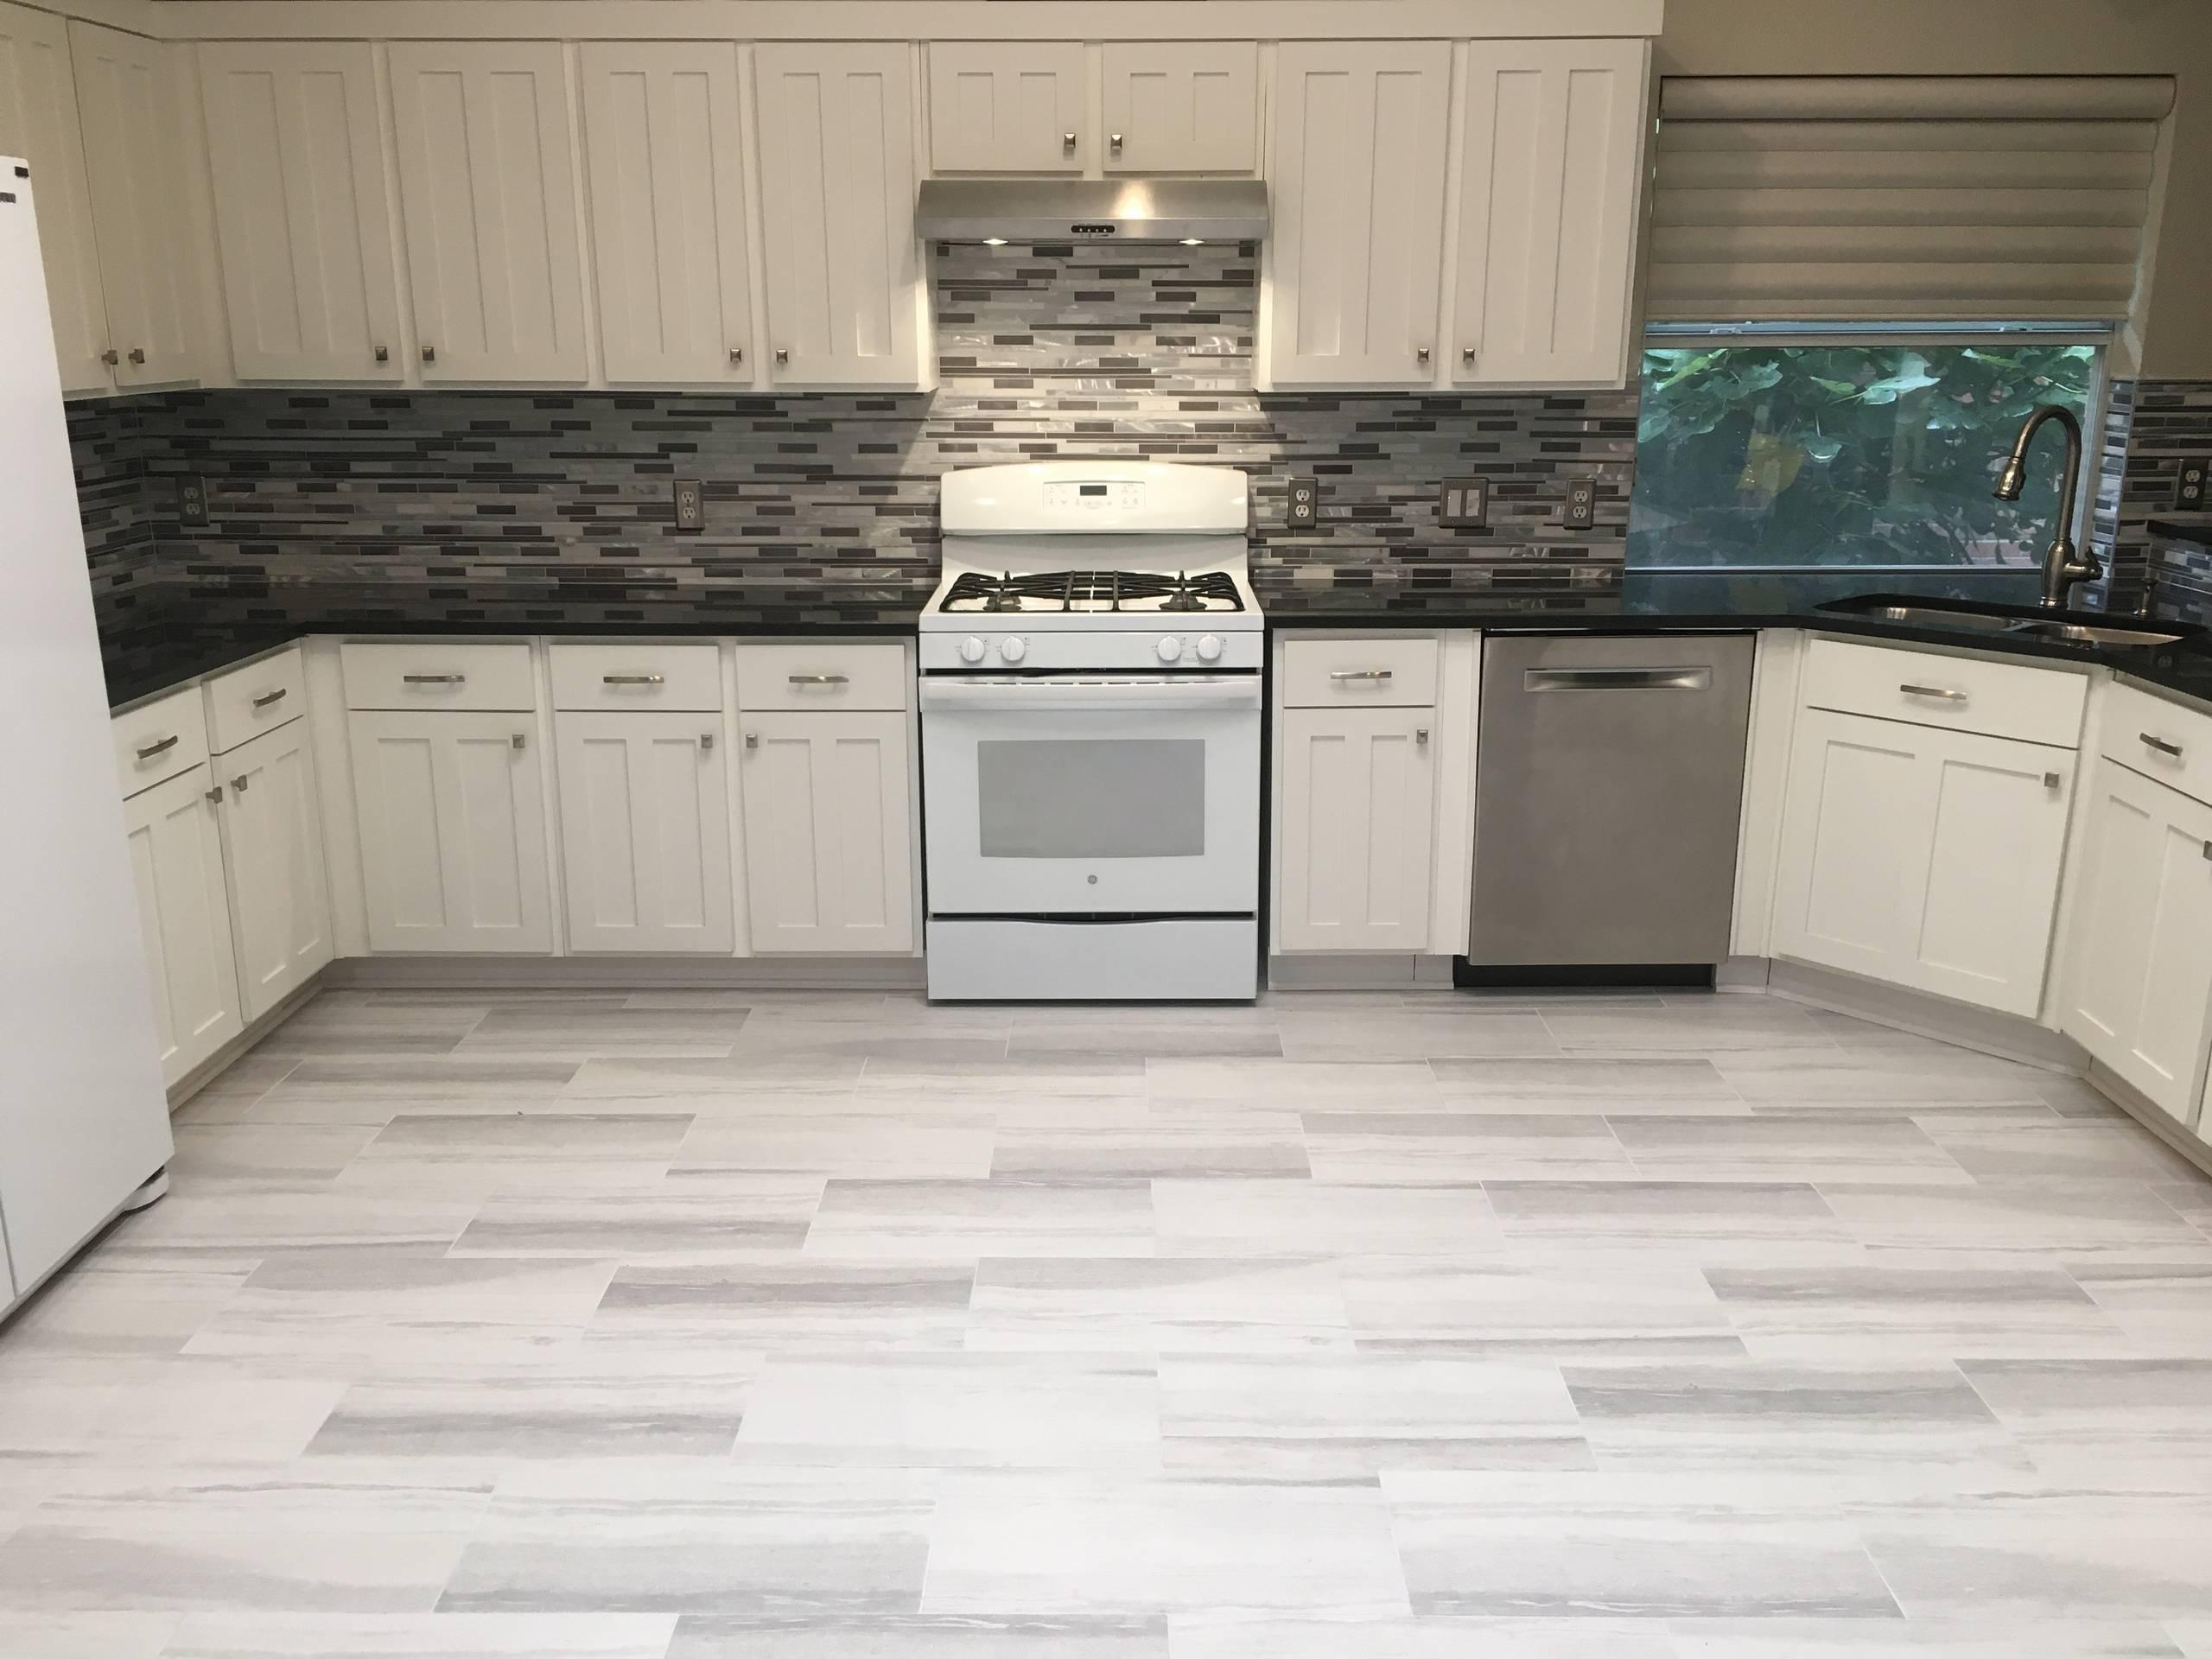 12 x 24 floor tile kitchen ideas